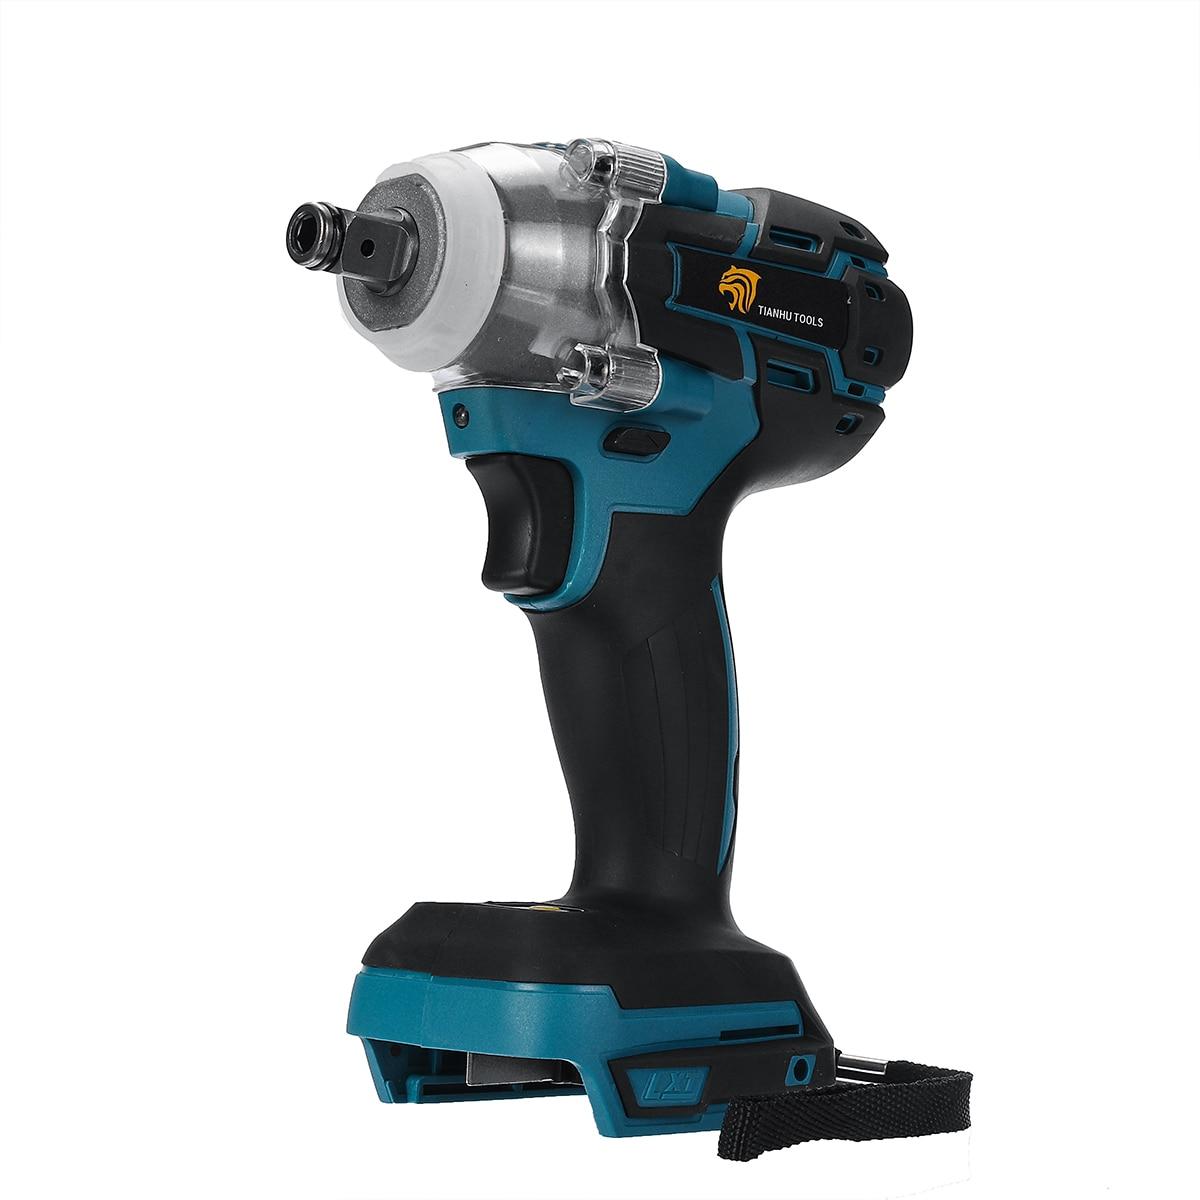 18V Elektrische Oplaadbare Borstelloze Slagmoersleutel Cordless 1/2 Dopsleutel Power Tool Voor Makita Batterij DTW285Z